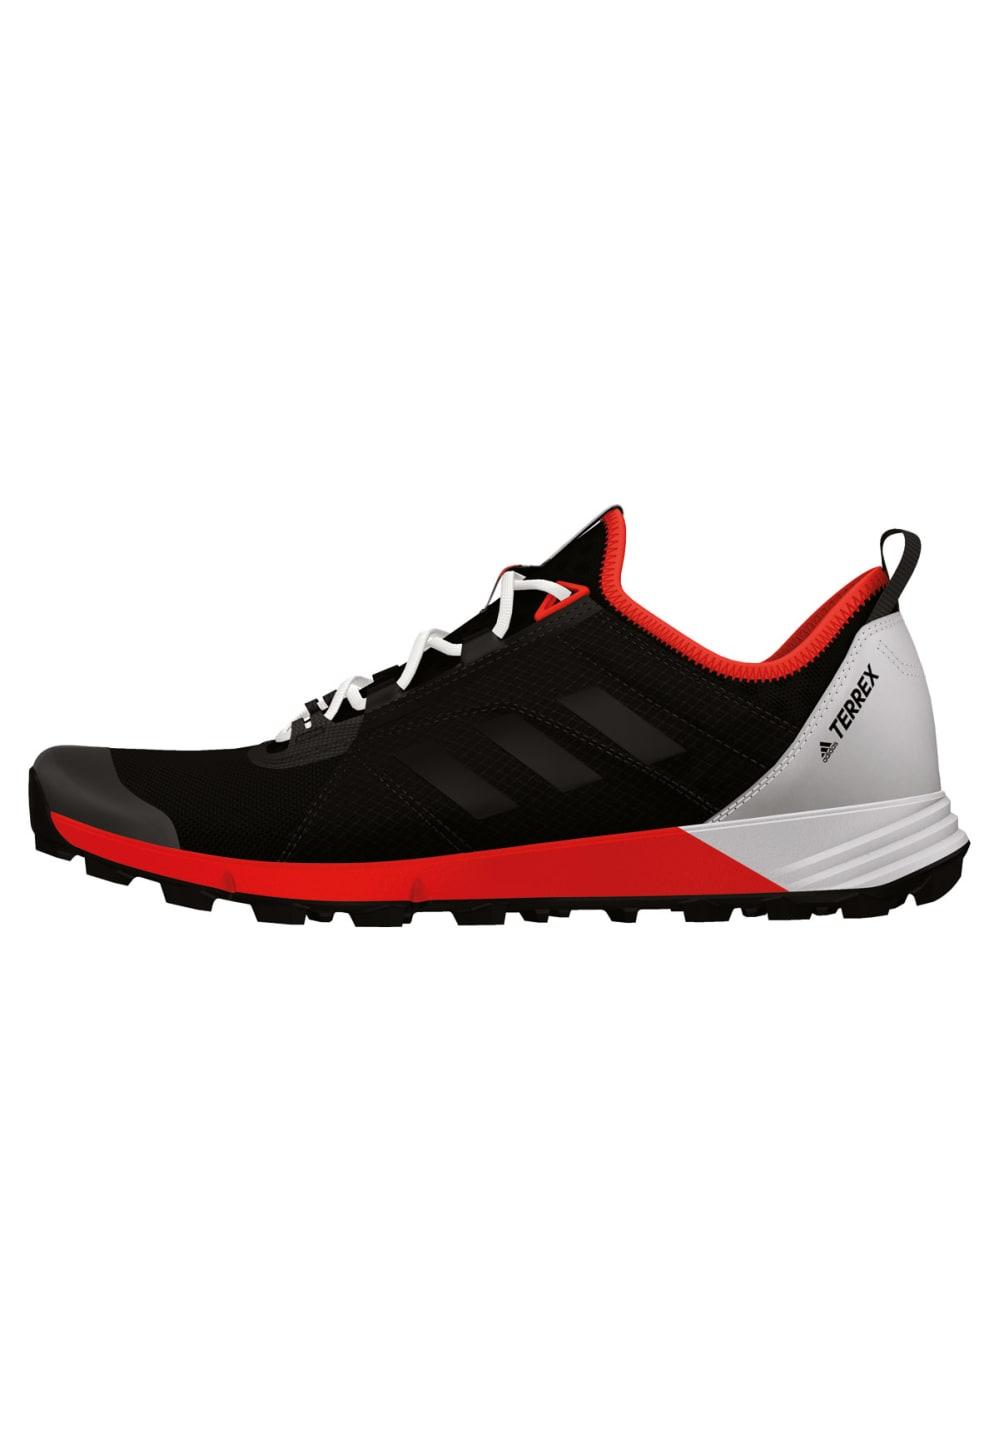 Schwarz Outdoorschuhe Für Herren Speed Adidas Terrex Agravic n8kP0wO